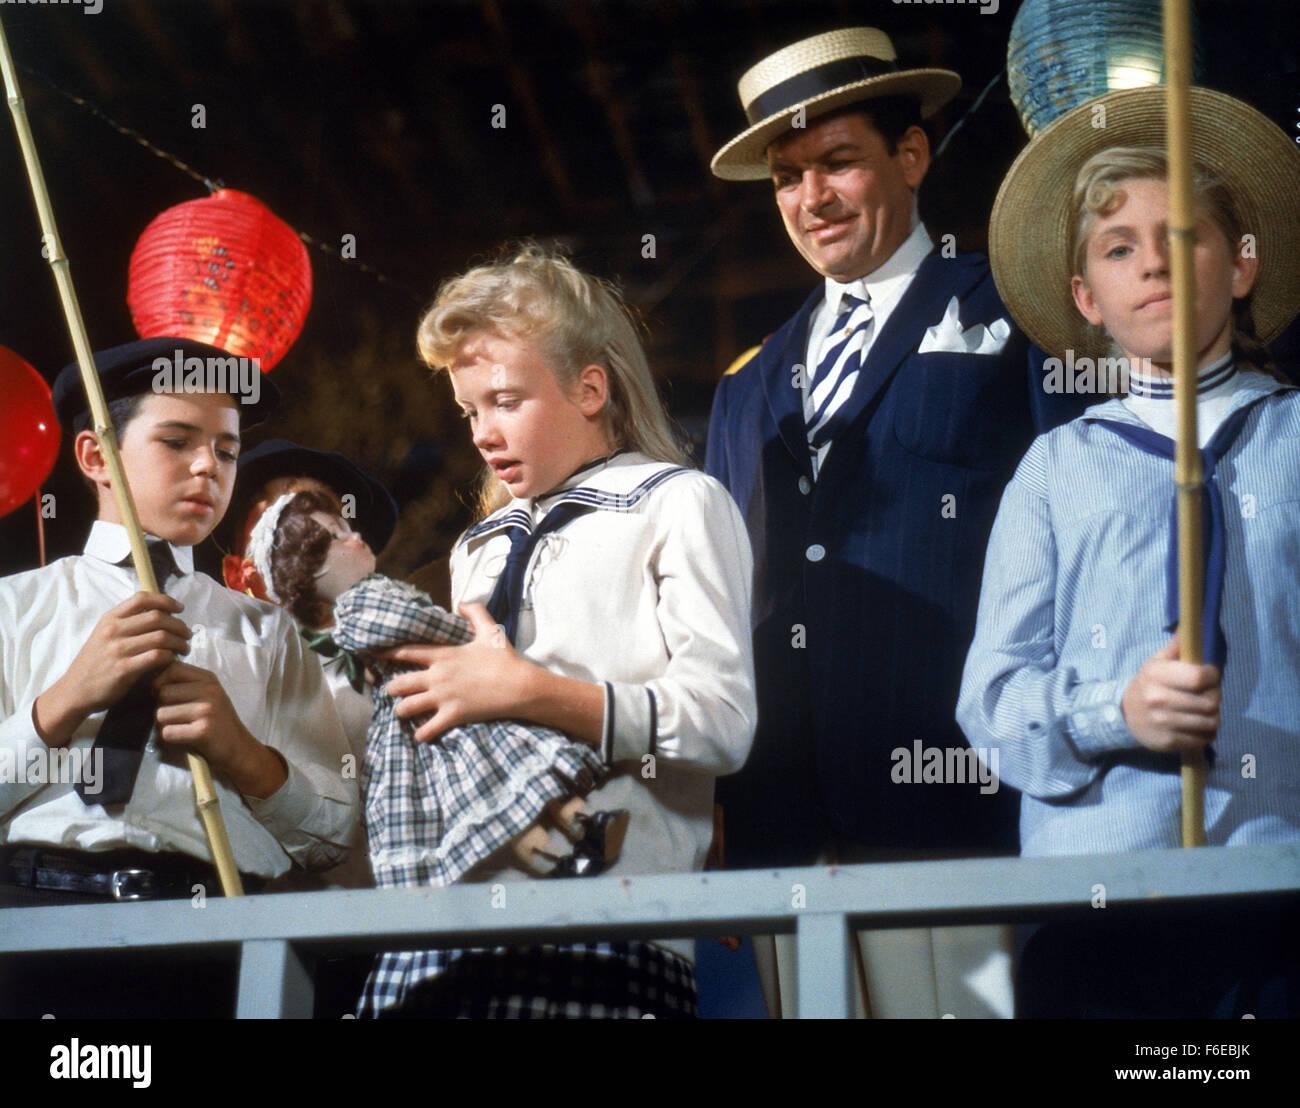 May 19, 1960; Santa Rosa, CA, USA; HAYLEY MILLS stars as Pollyanna Whittier in the family comedy/drama 'Pollyanna' - Stock Image